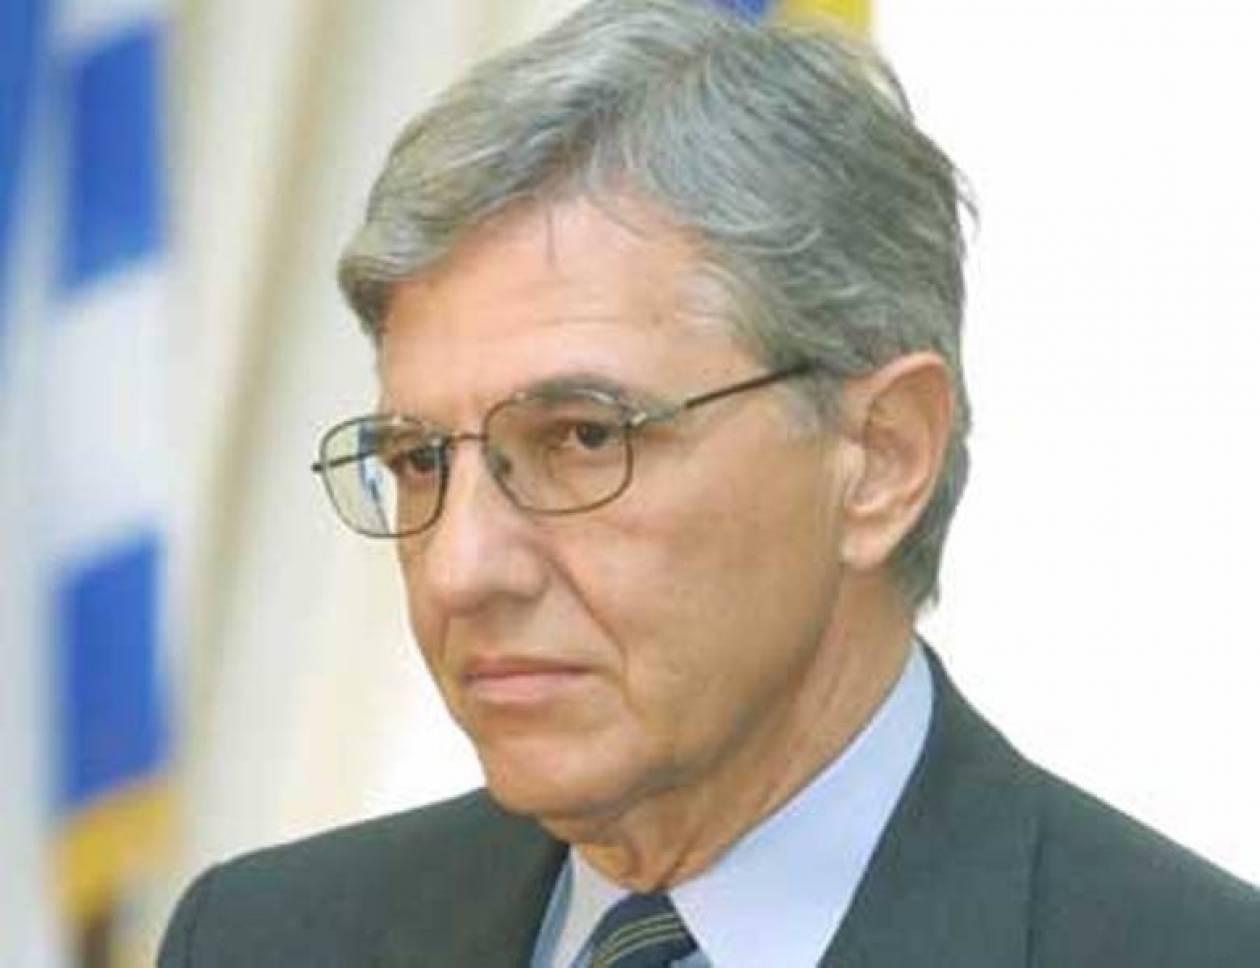 Στην Κύπρο αύριο ο Τάσος Γιαννίτσης